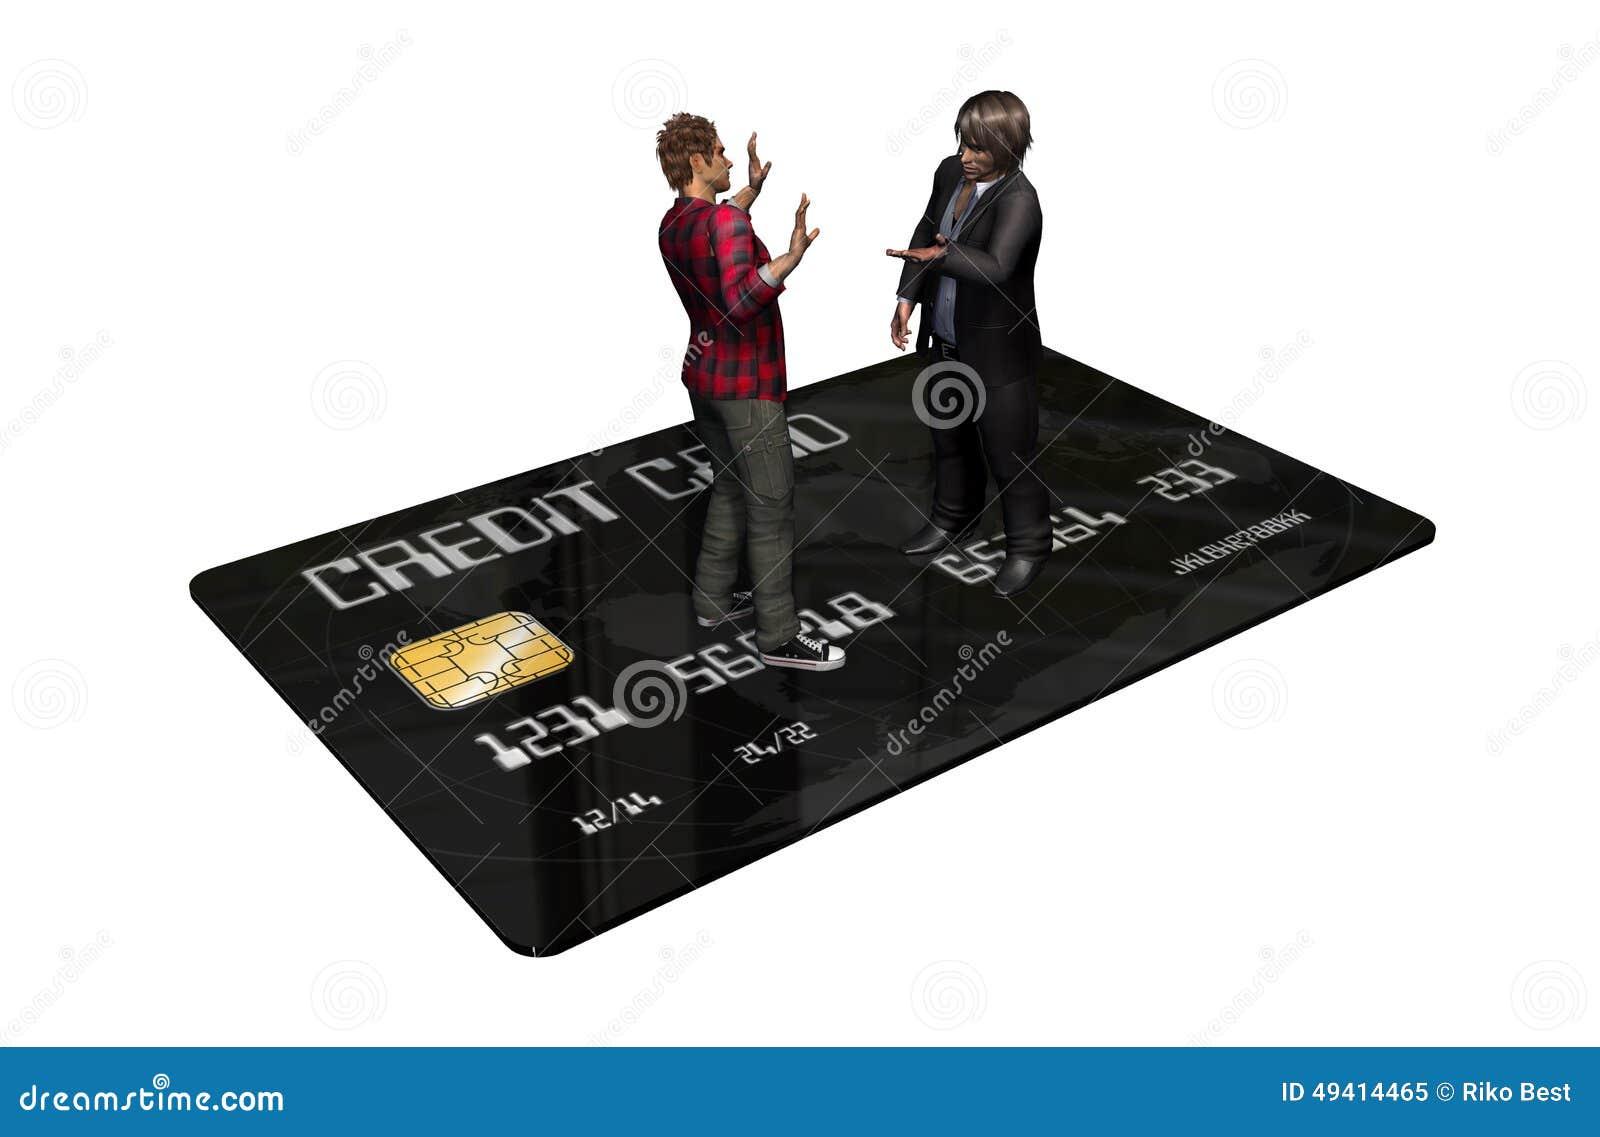 Download Kreditkarte Mit Personen Im Geschäft Stock Abbildung - Illustration von gutschrift, bezahlung: 49414465